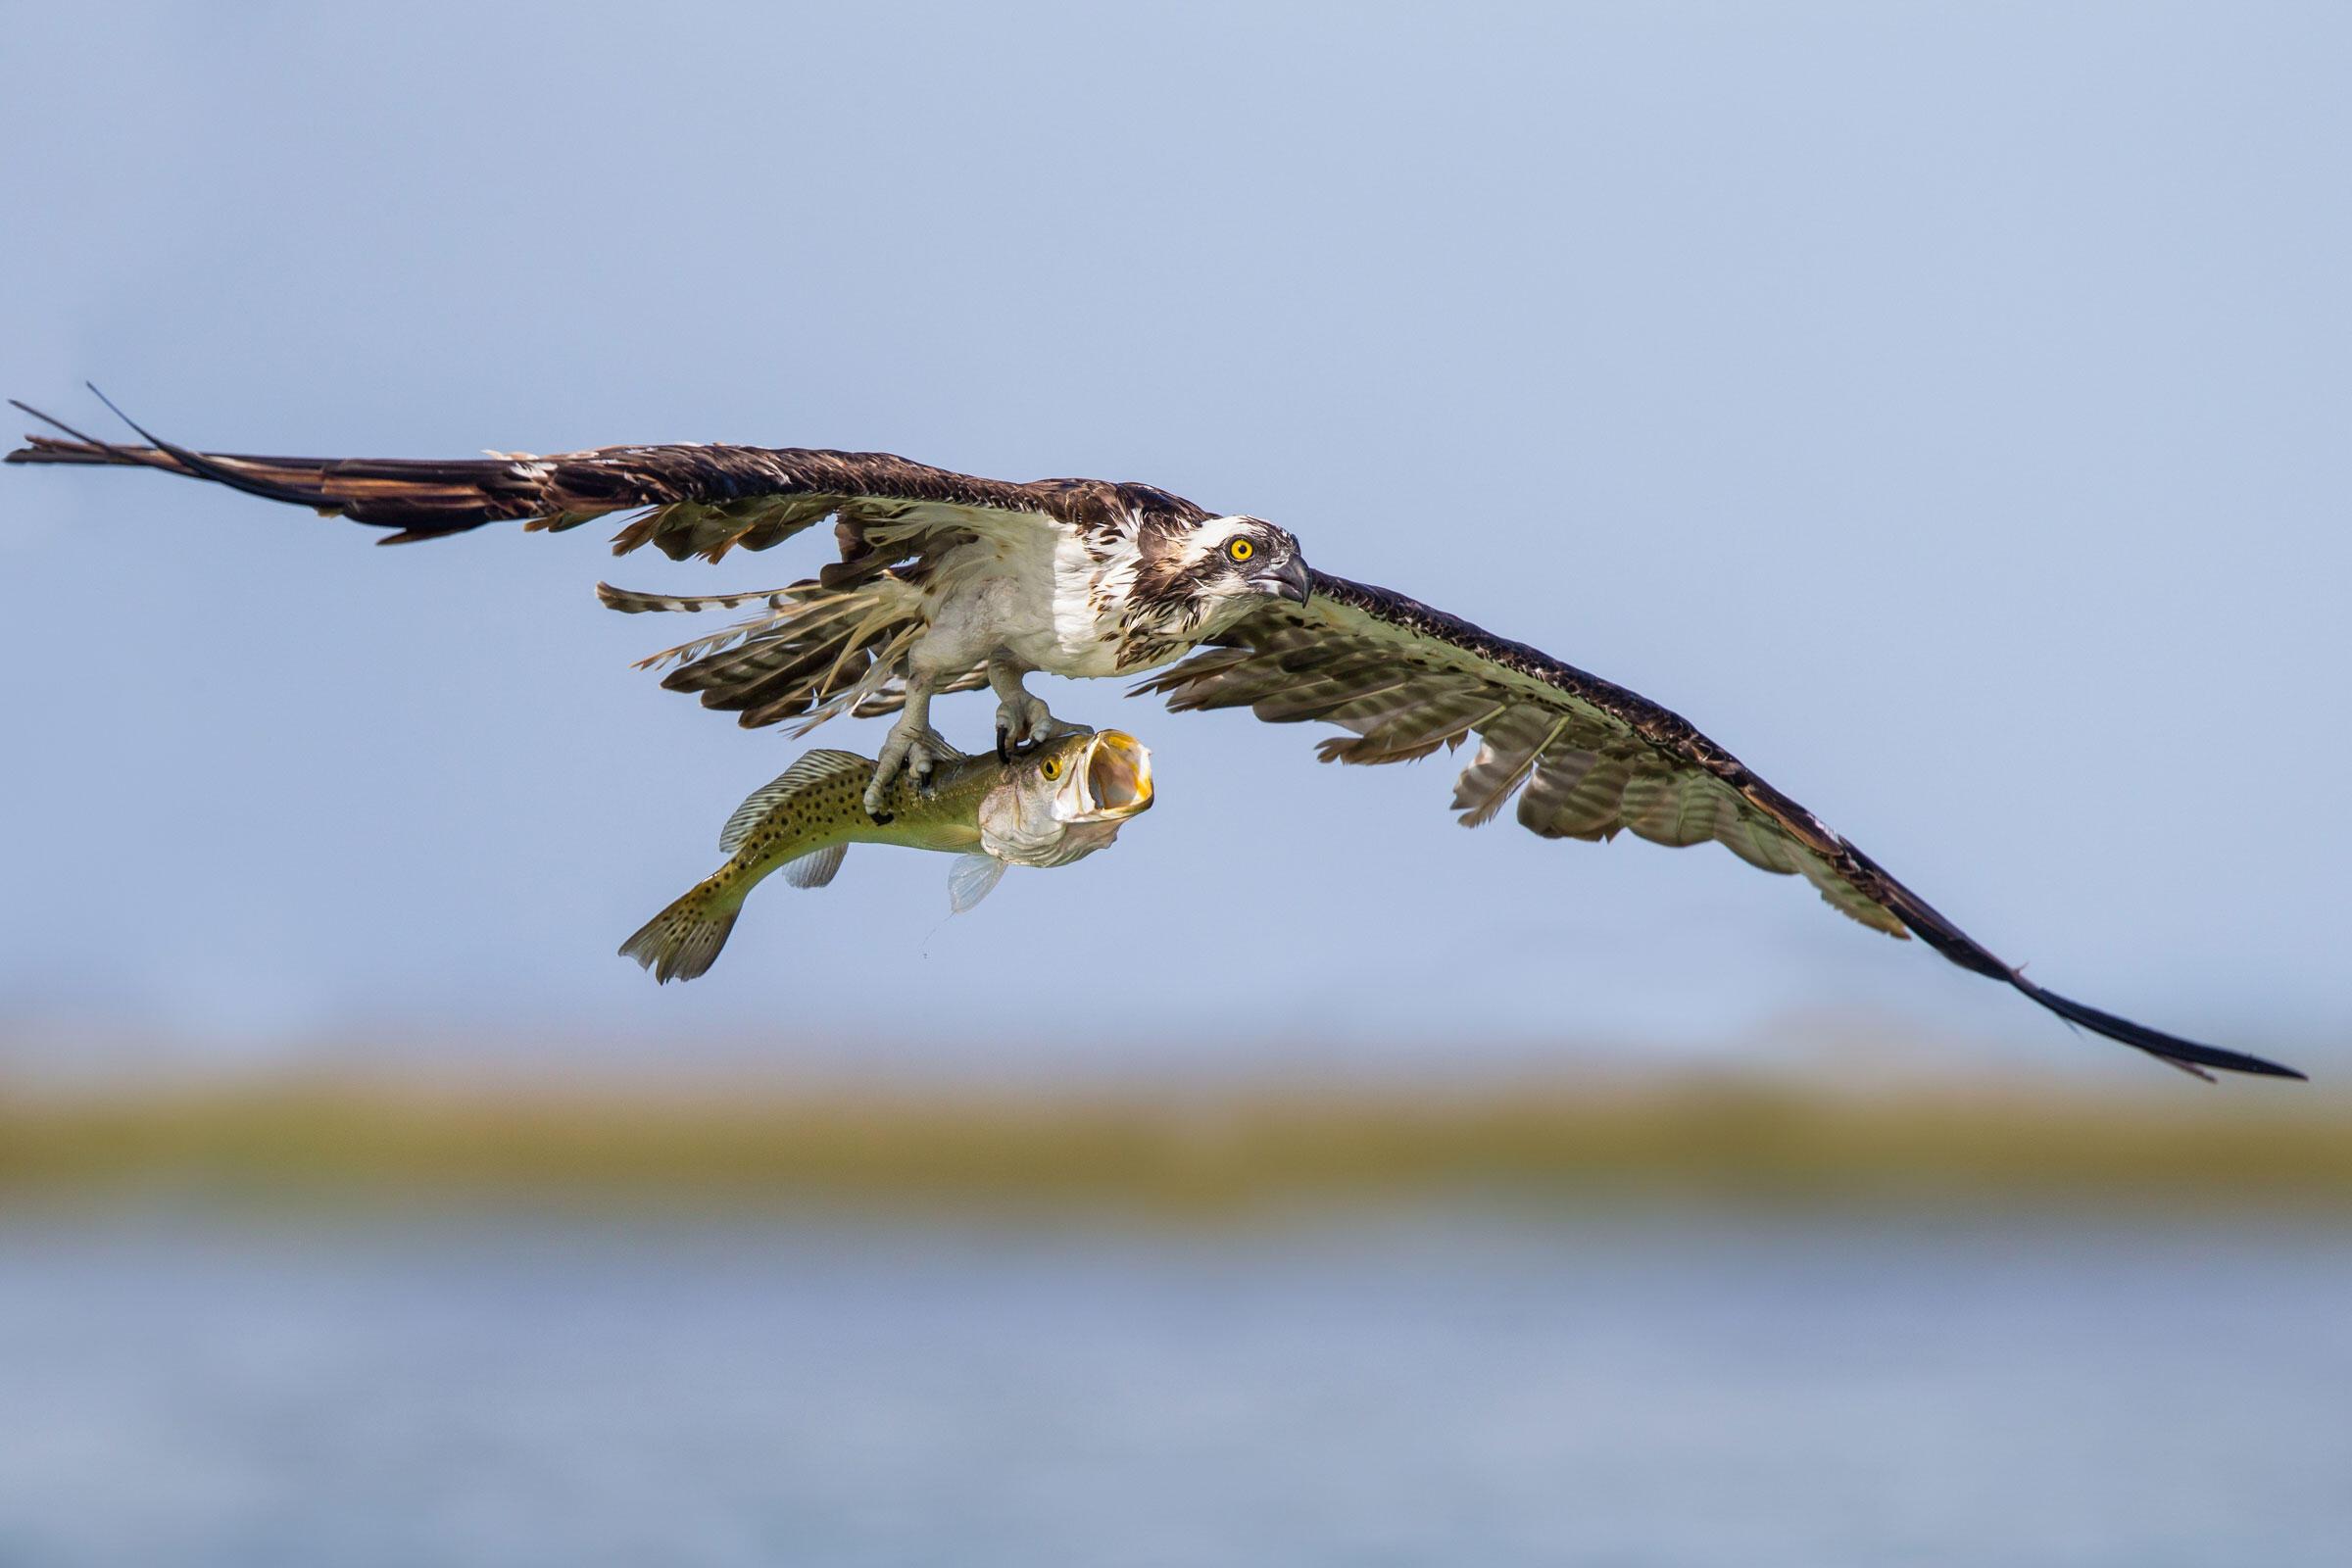 Osprey/Amateur Category. Thomas Chadwick/Audubon Photography Awards